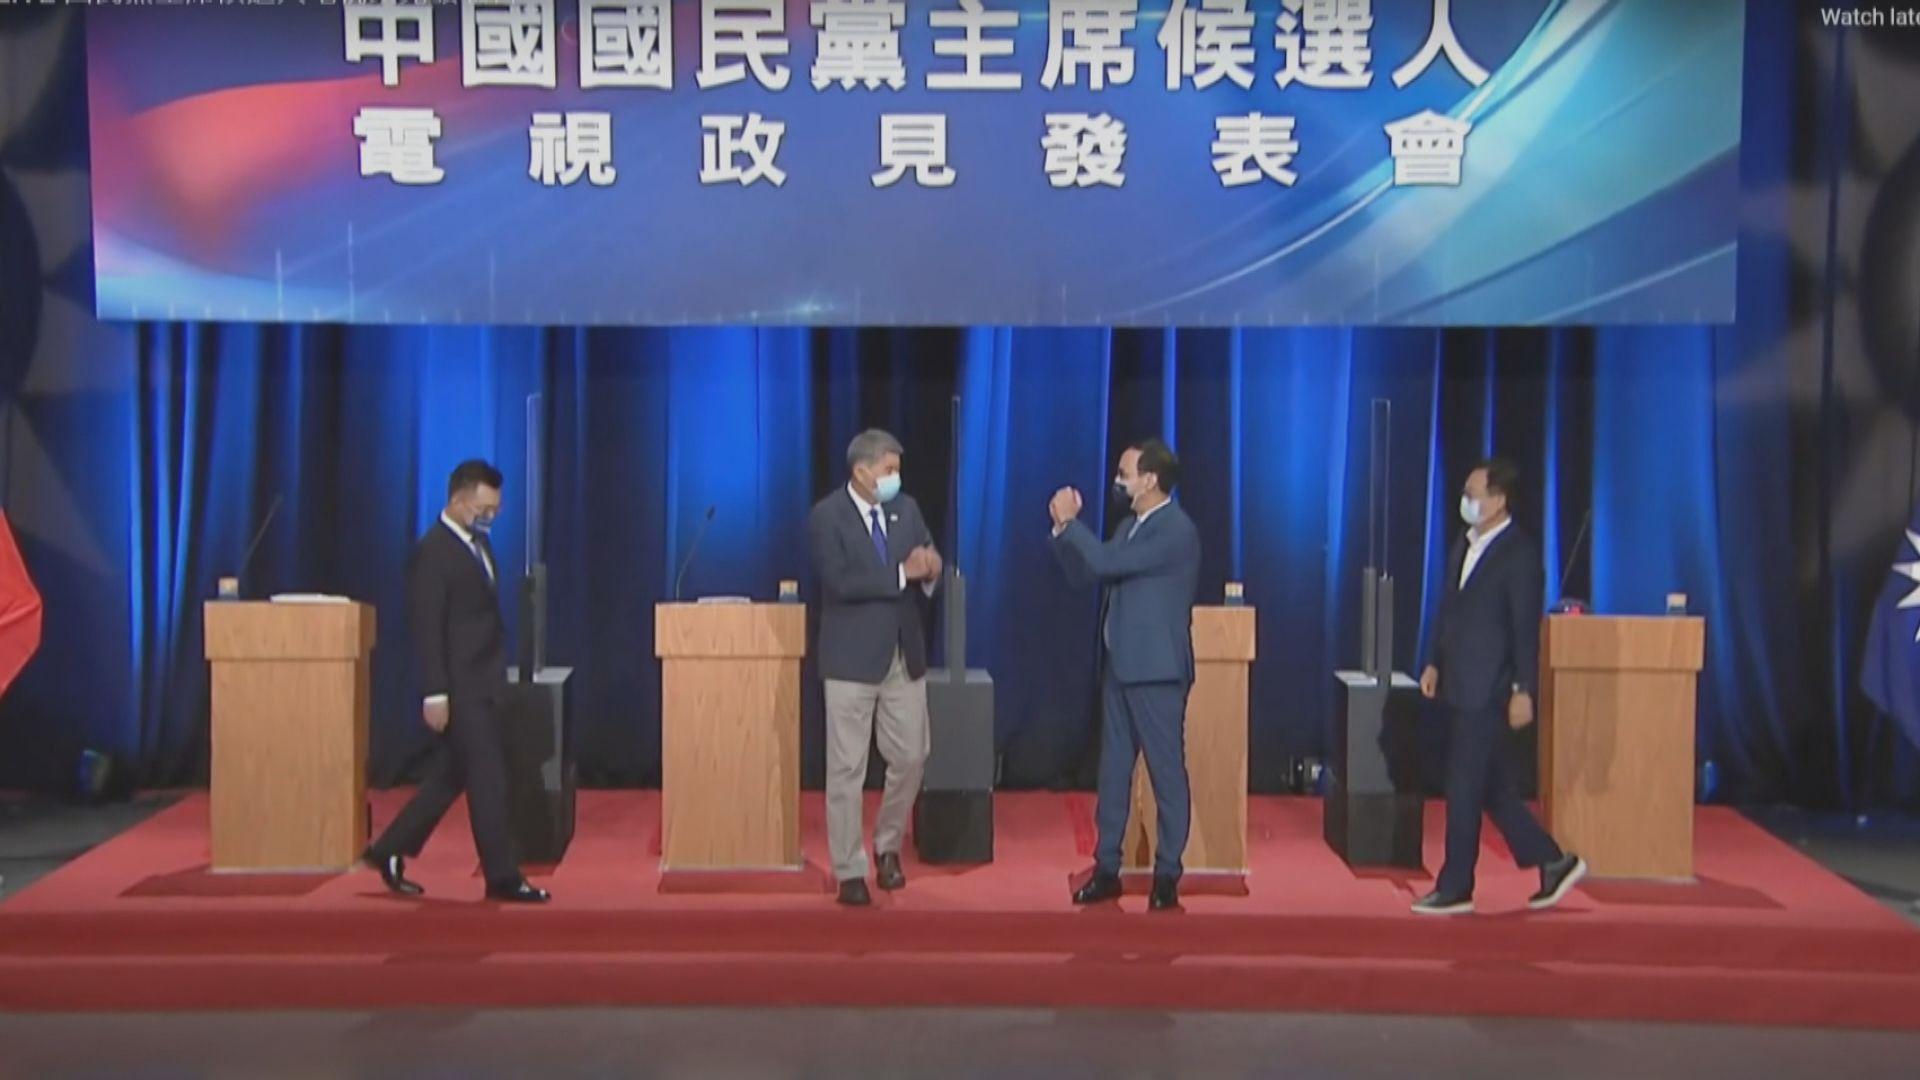 國民黨主席選舉 四候選人聚焦兩岸論述